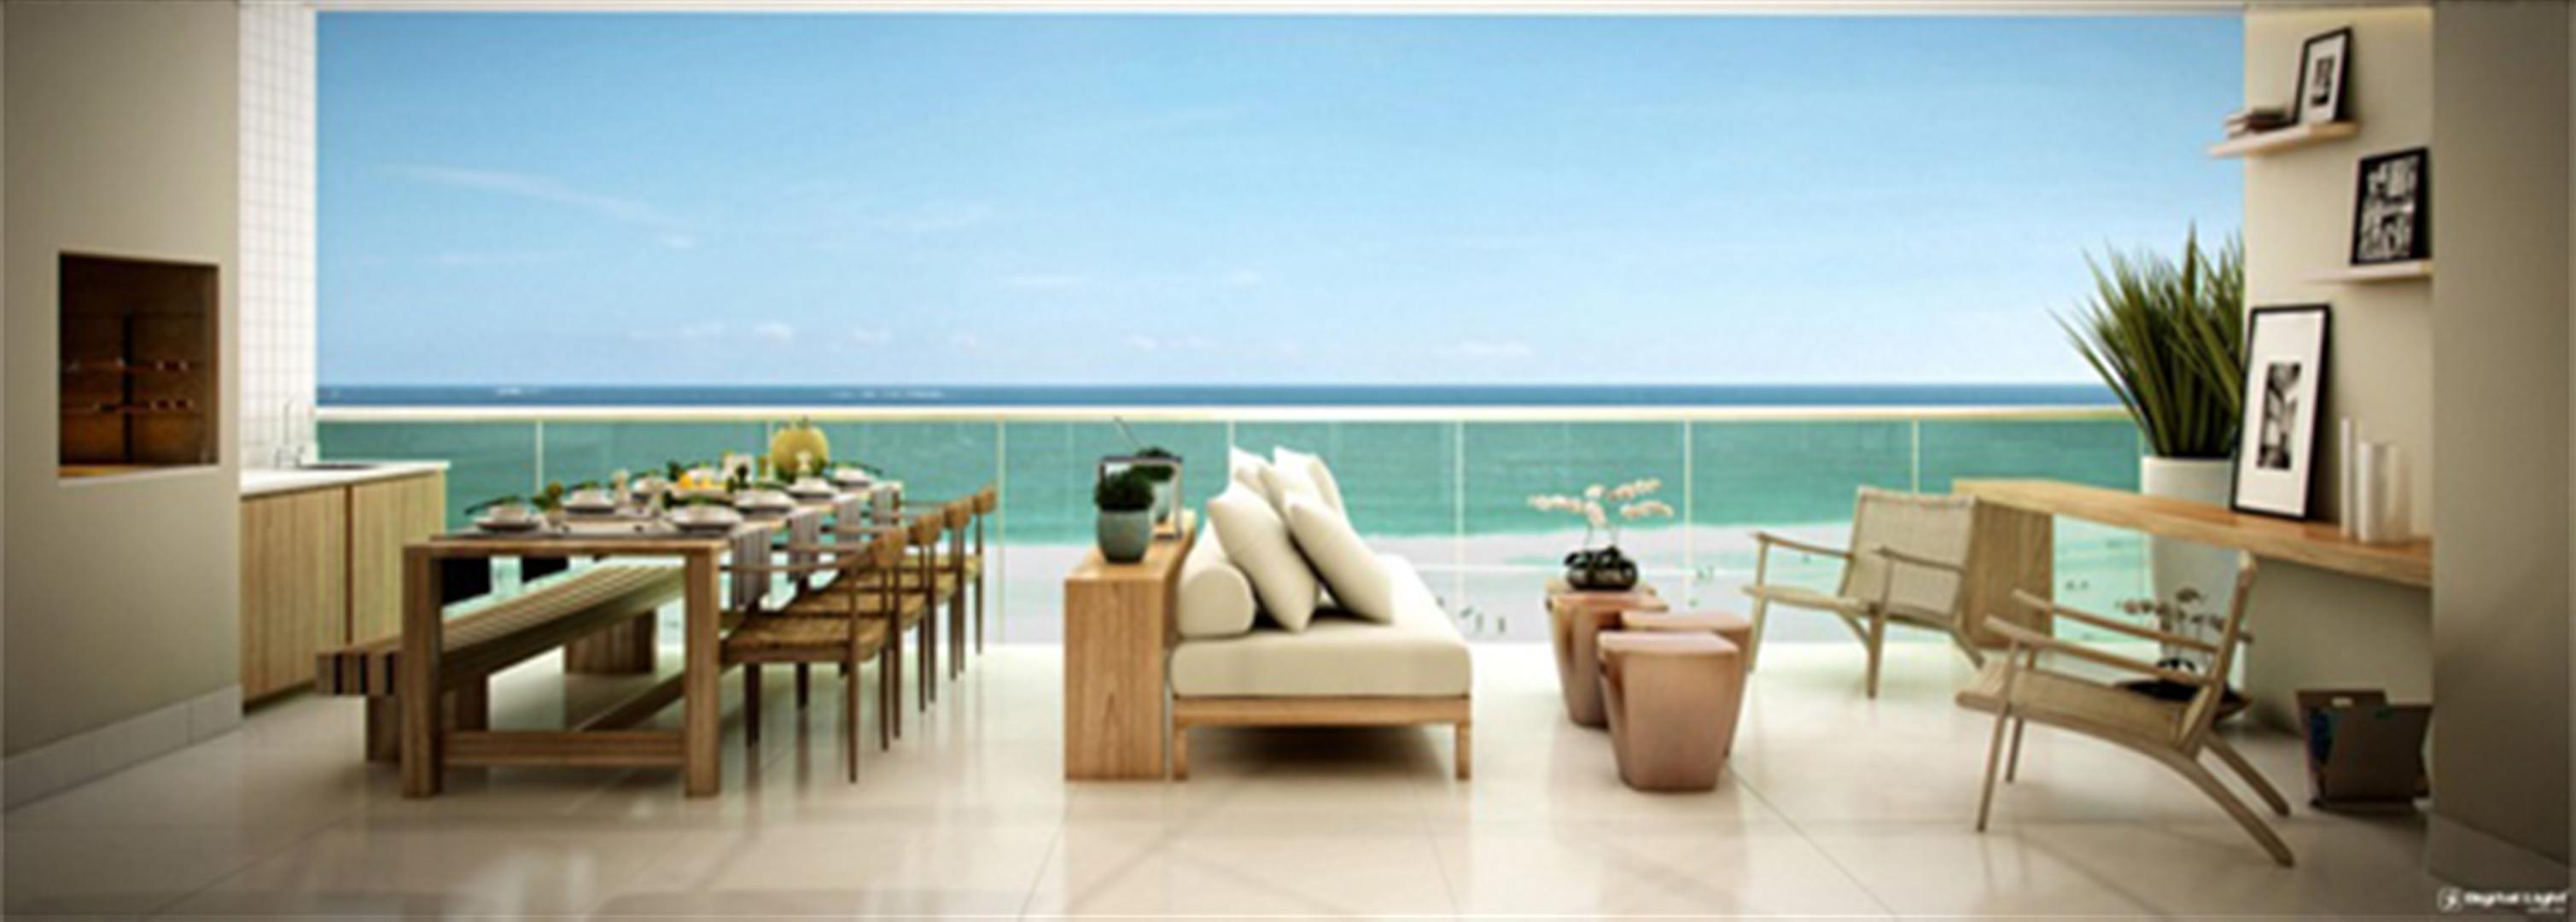 Varanda   Infinity Areia Preta – Apartamentona  Areia Preta - Natal - Rio Grande do Norte